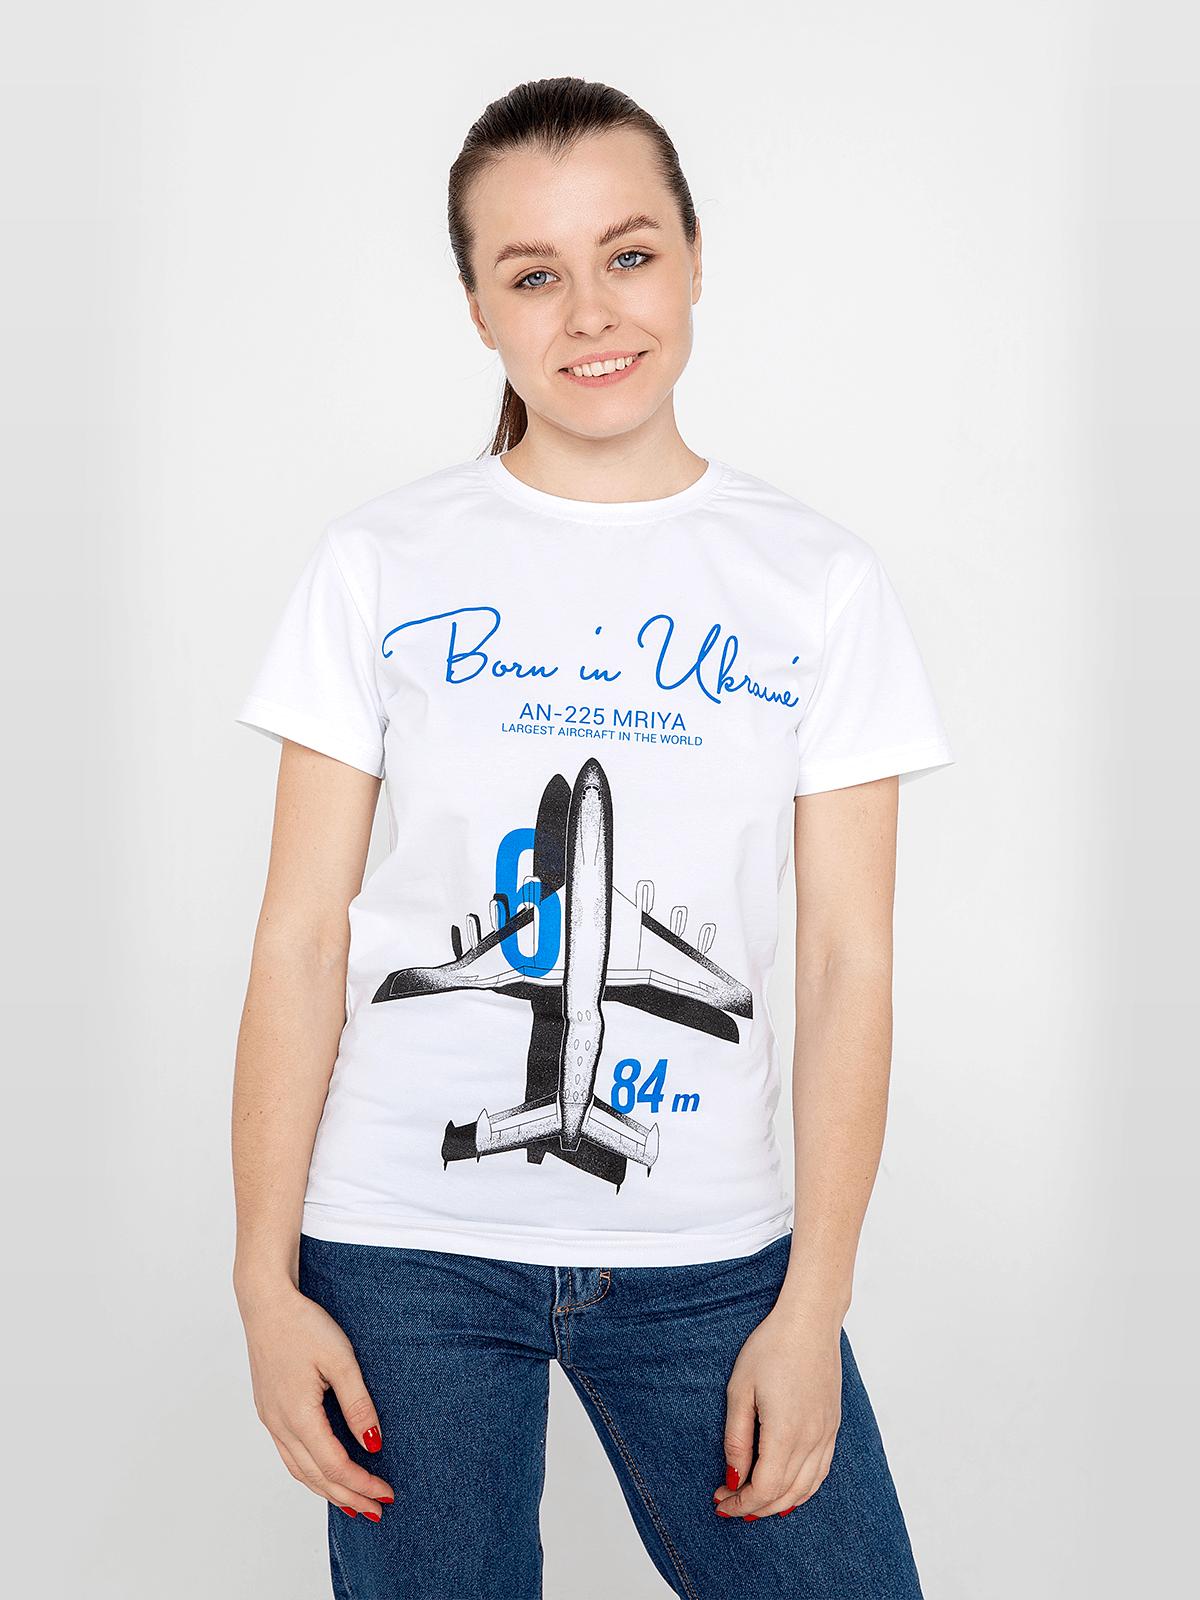 Women's T-Shirt An-225. Color white. Unisex T-shirt (men's sizes).